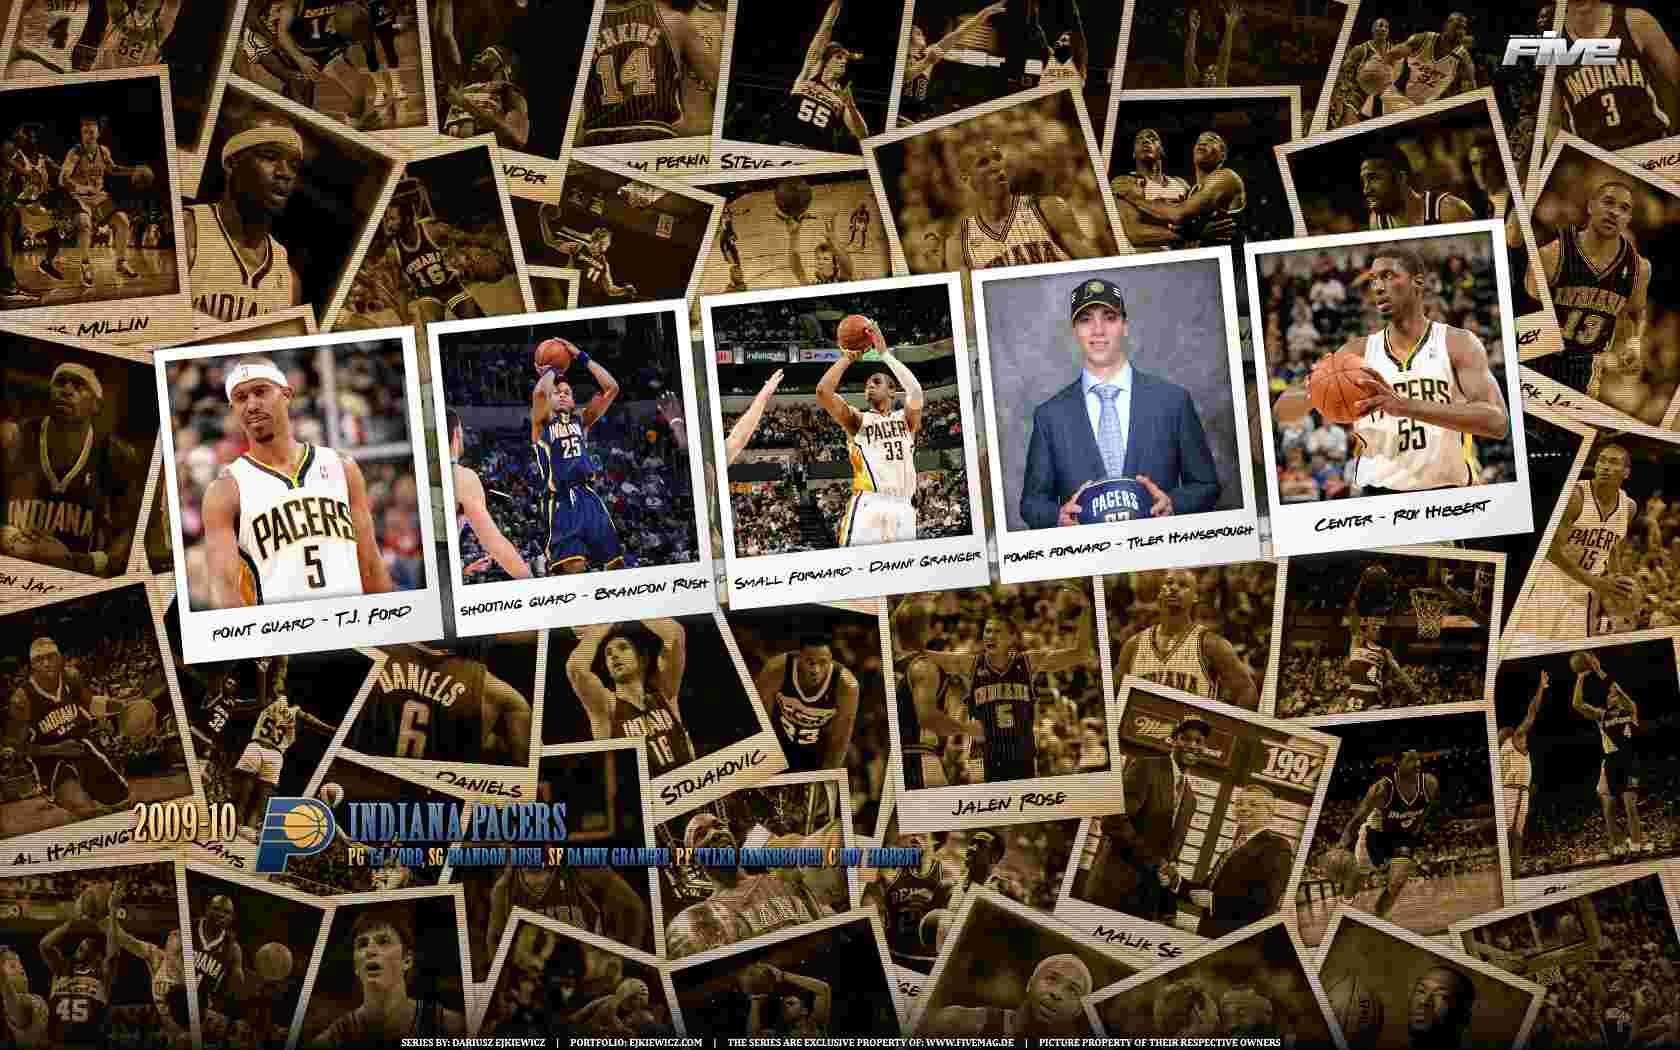 Indiana Pacers Wallpaper Desktop 1680x1050